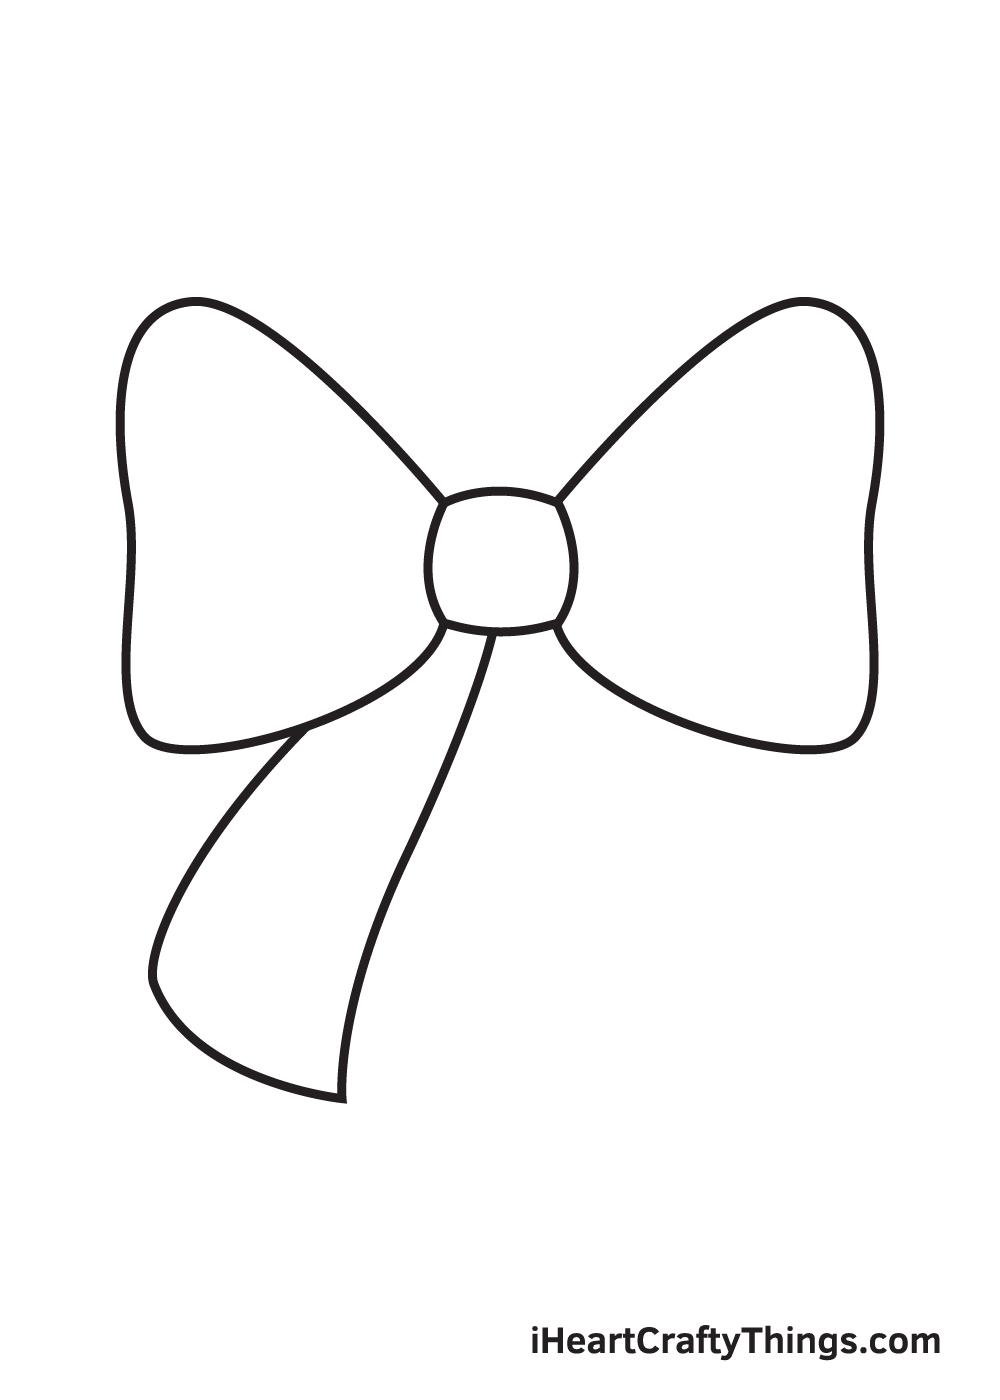 ribbon drawing step 4